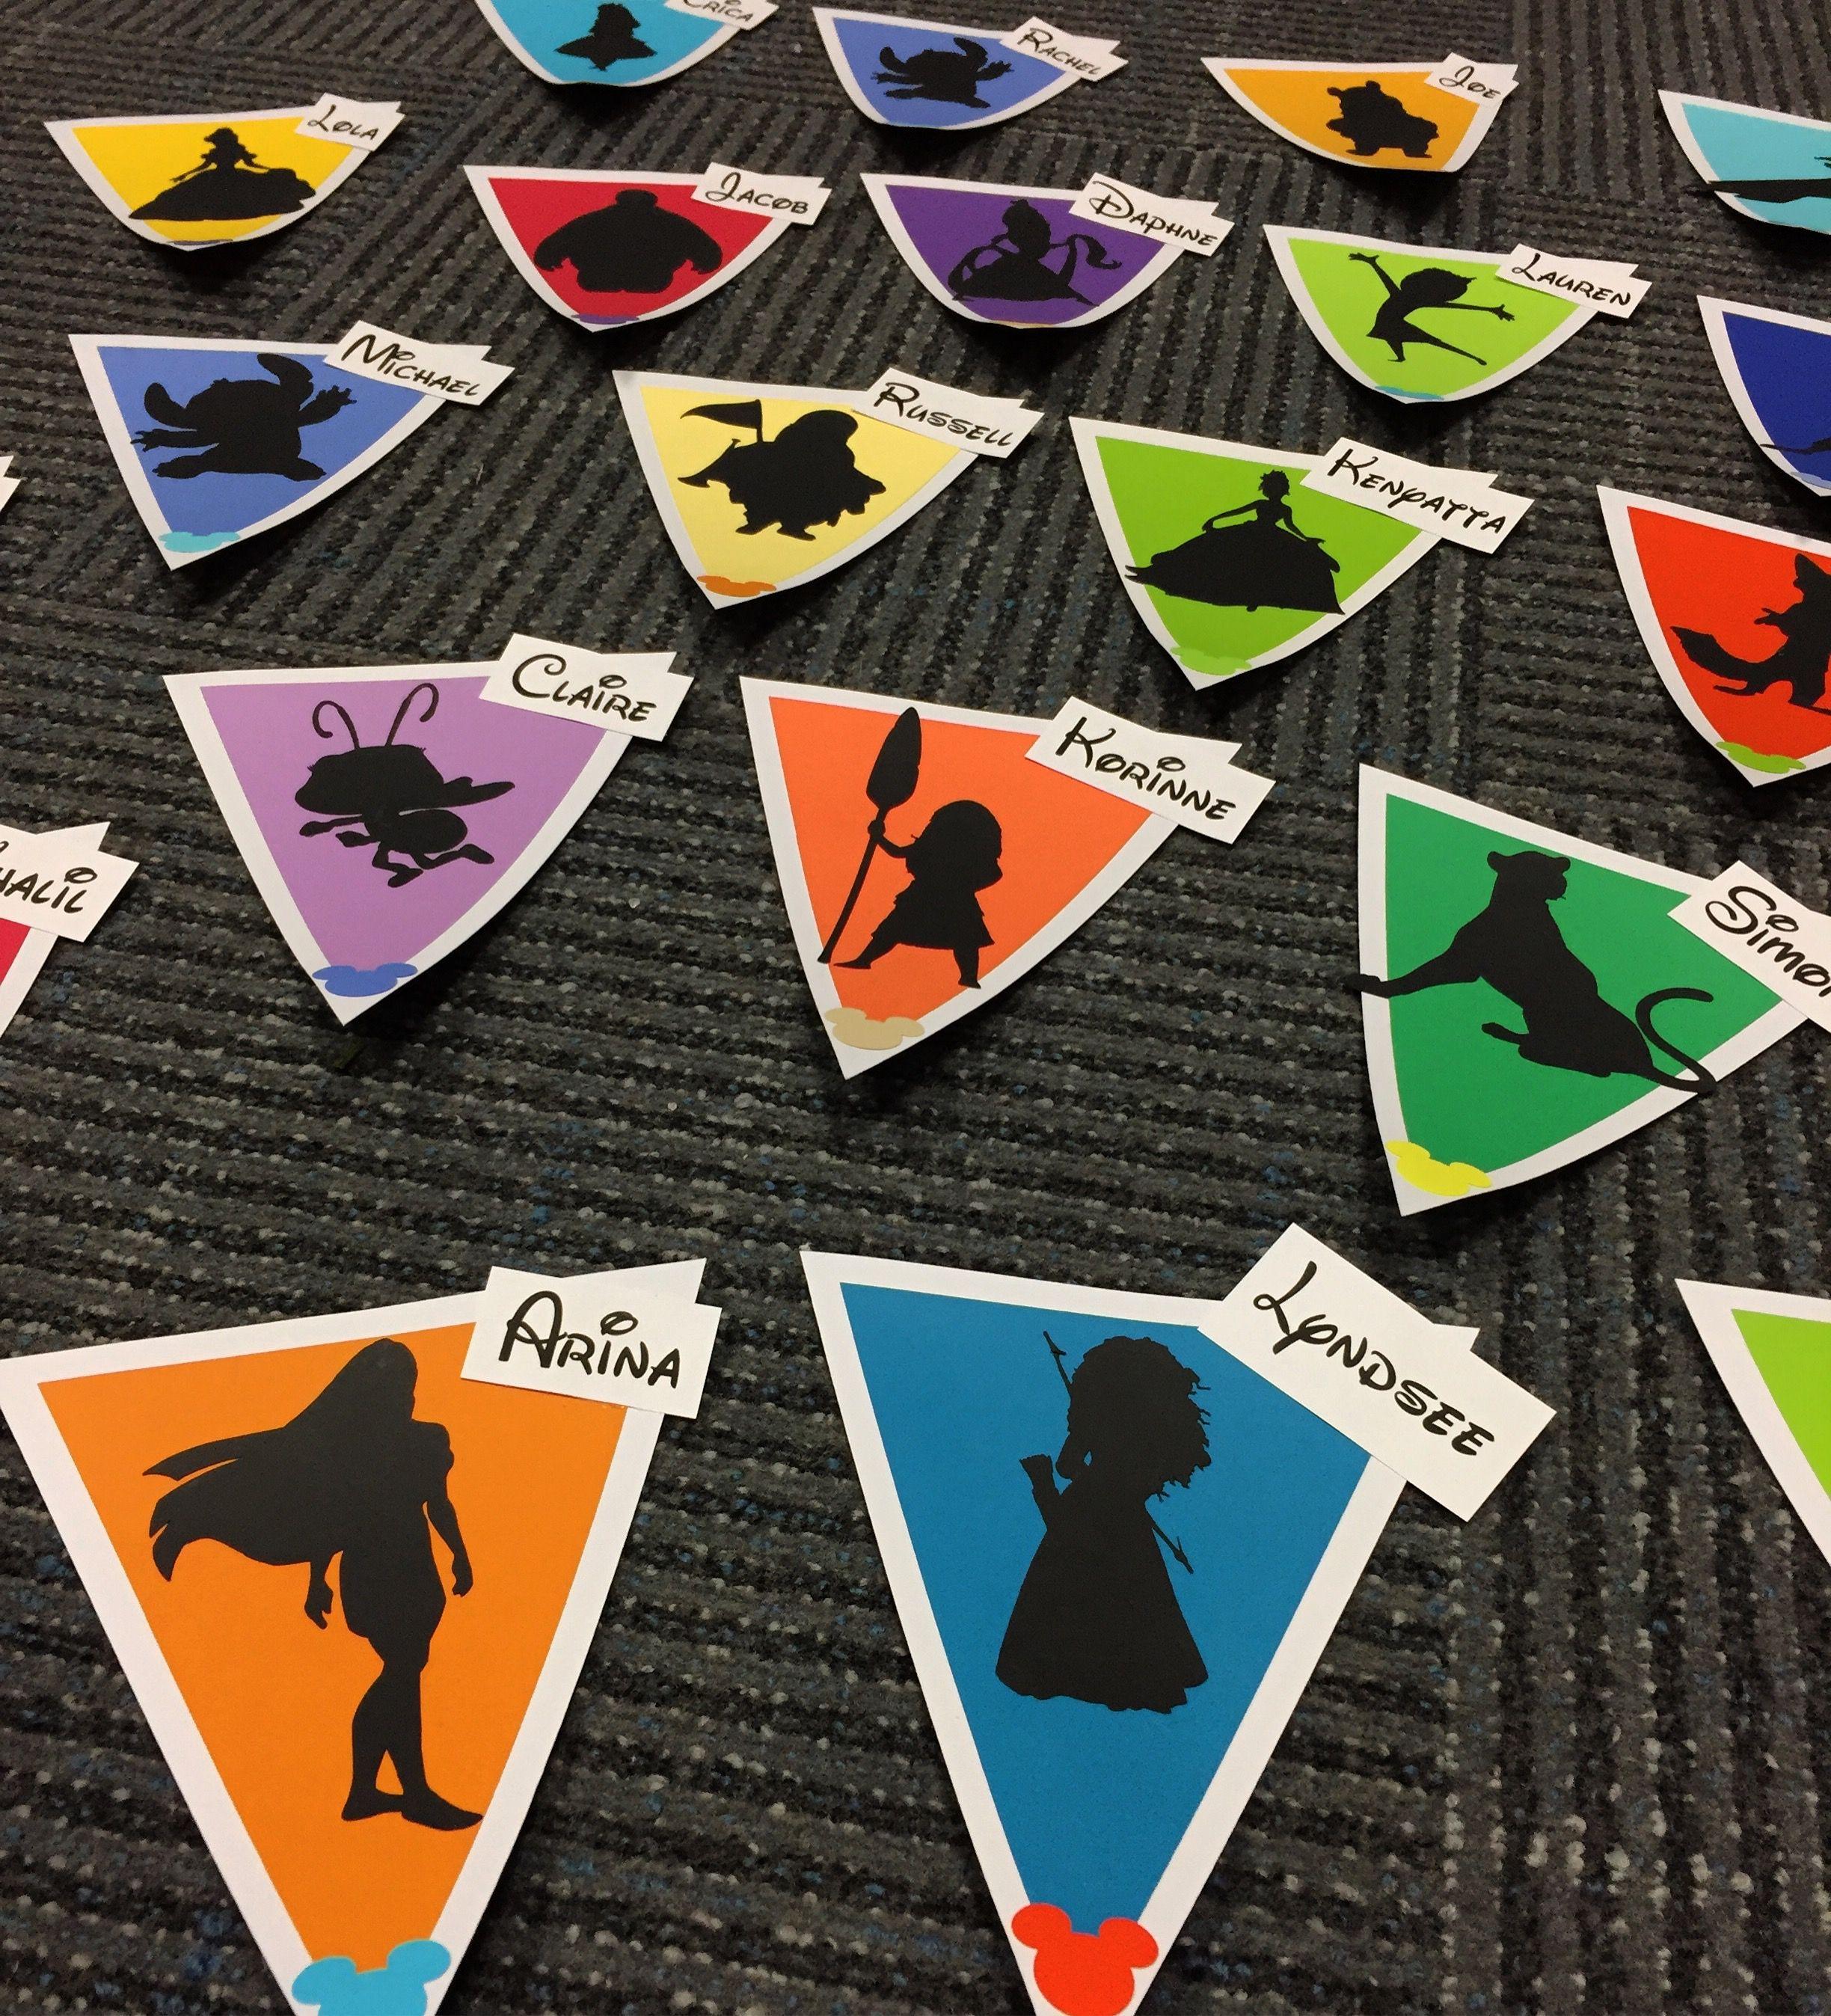 Disney silhouette door dec pennants! Having a Cricut changed my life for door decs!